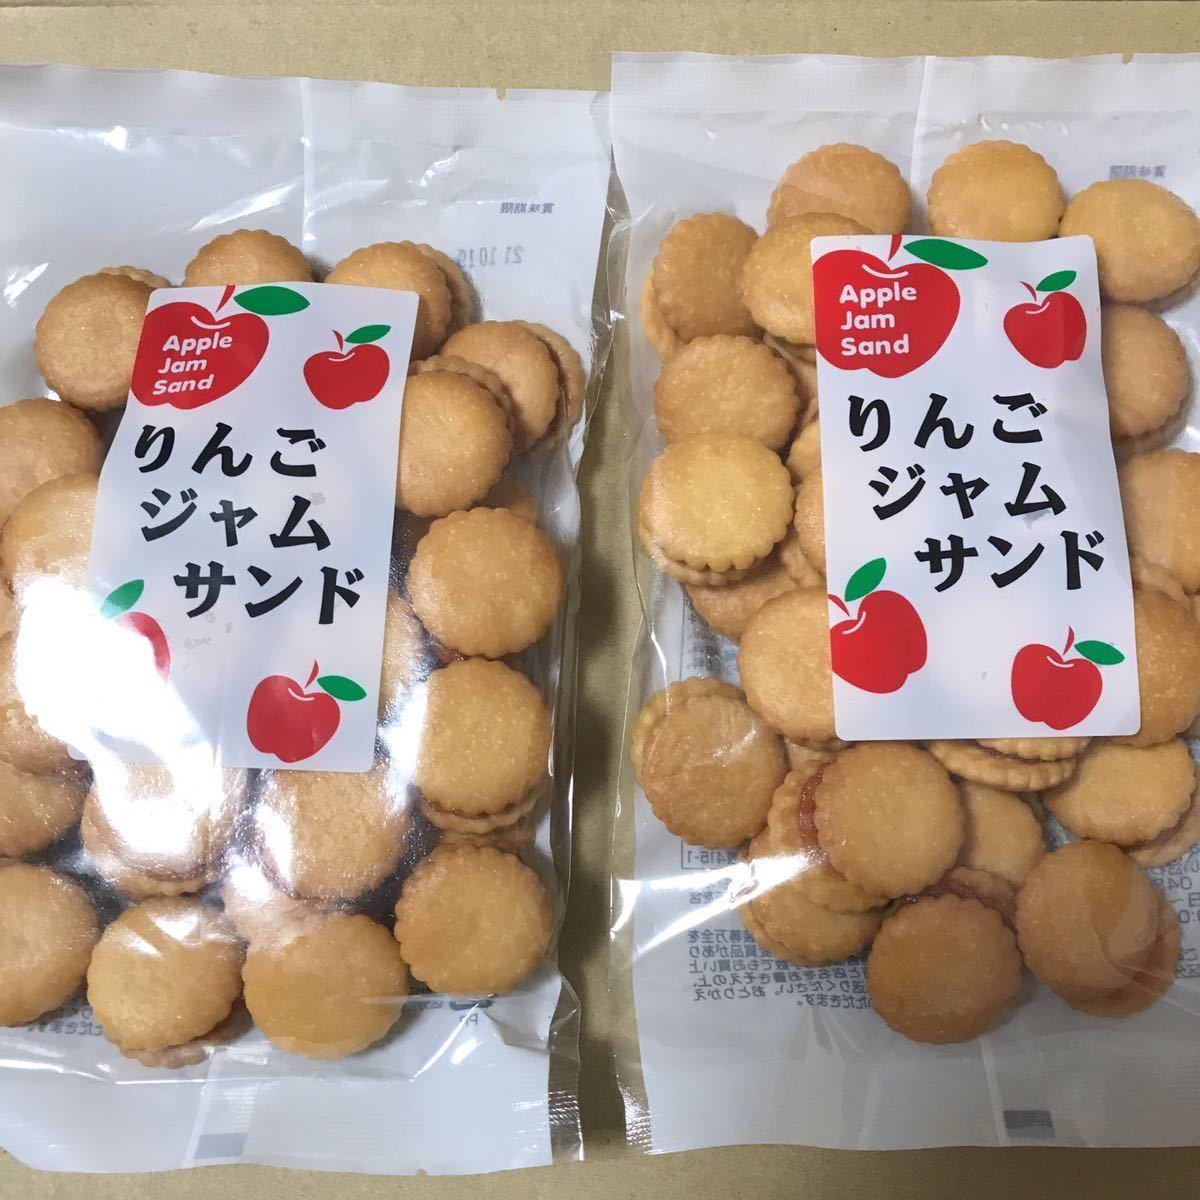 ★送料無料 人気のりんごジャムサンドクッキー 2袋 訳あり ワケあり アウトレット★